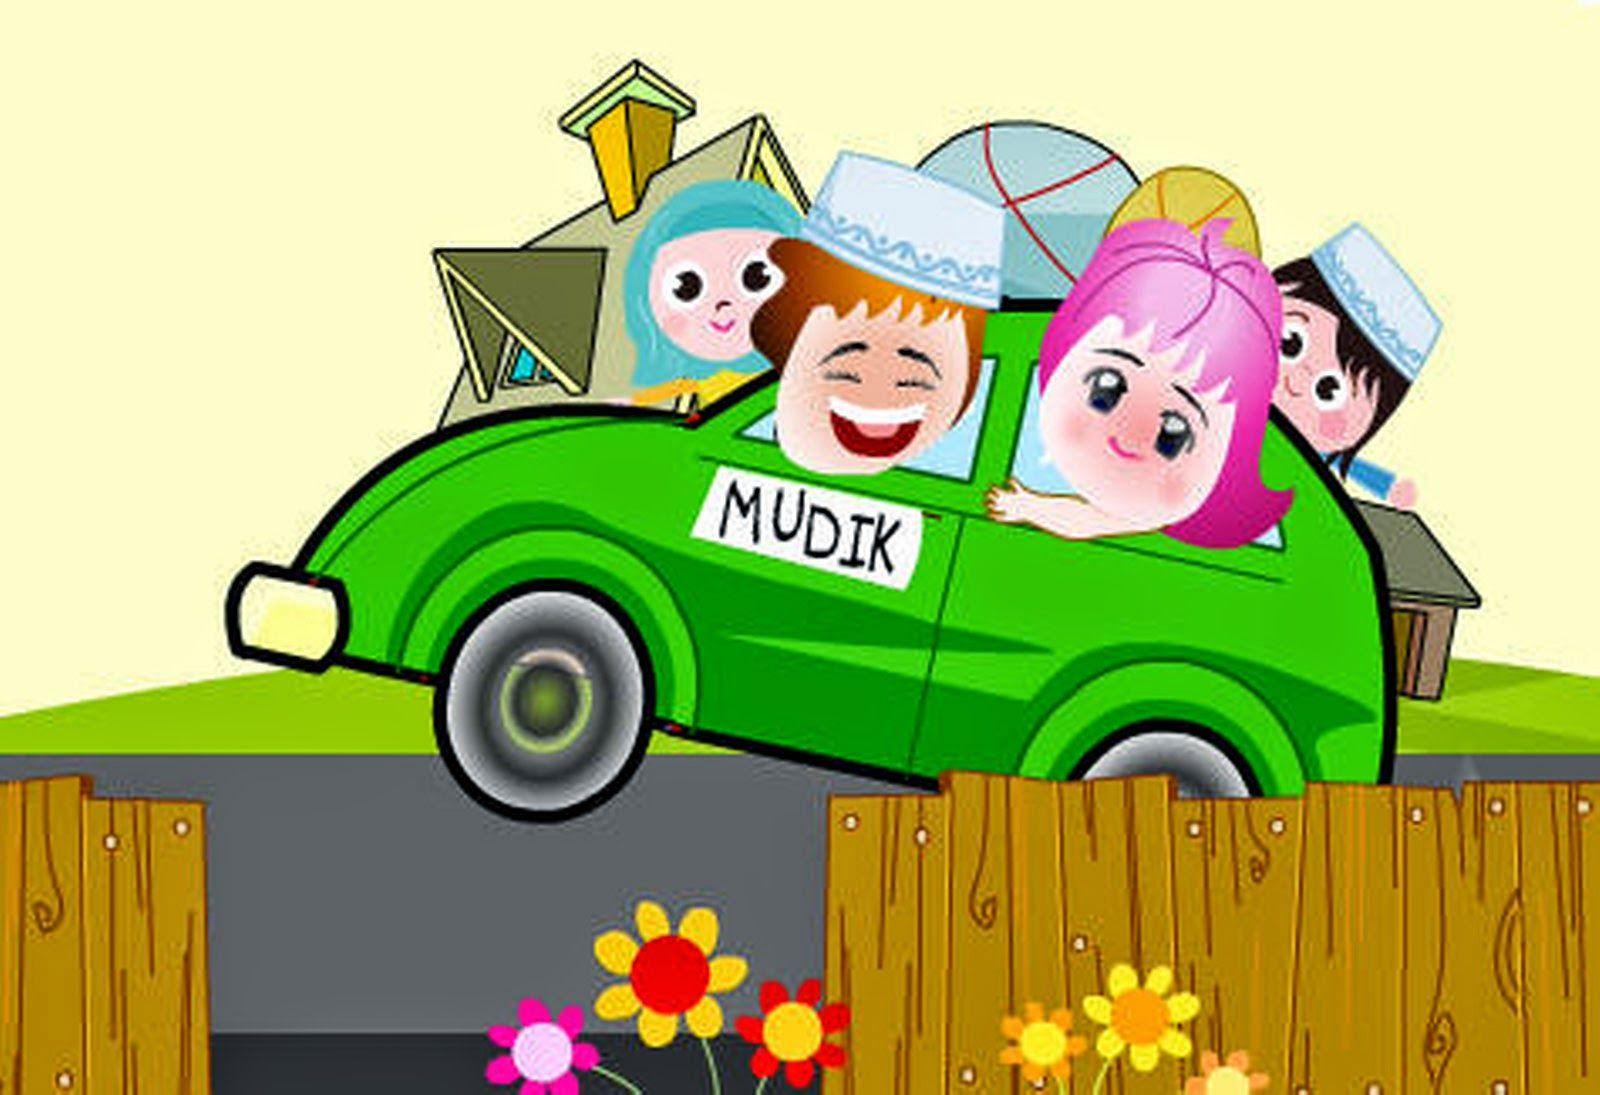 selamat hari raya wallpaper Carian Google Anak, Kartun